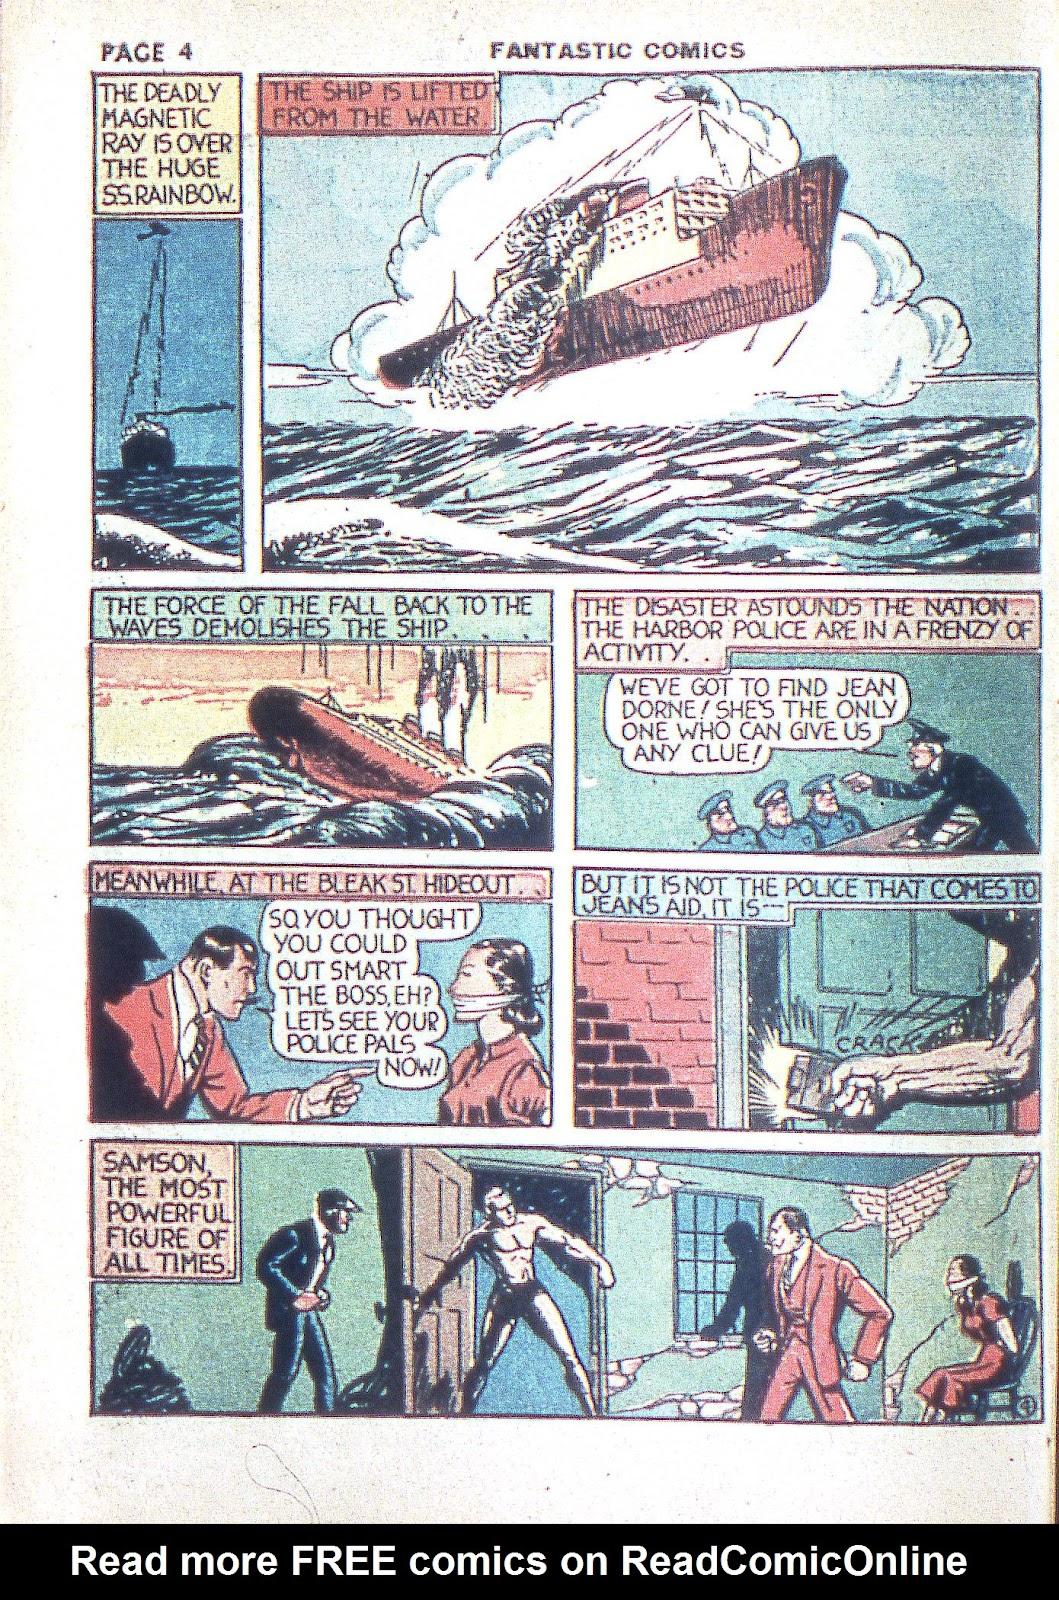 Read online Fantastic Comics comic -  Issue #3 - 7